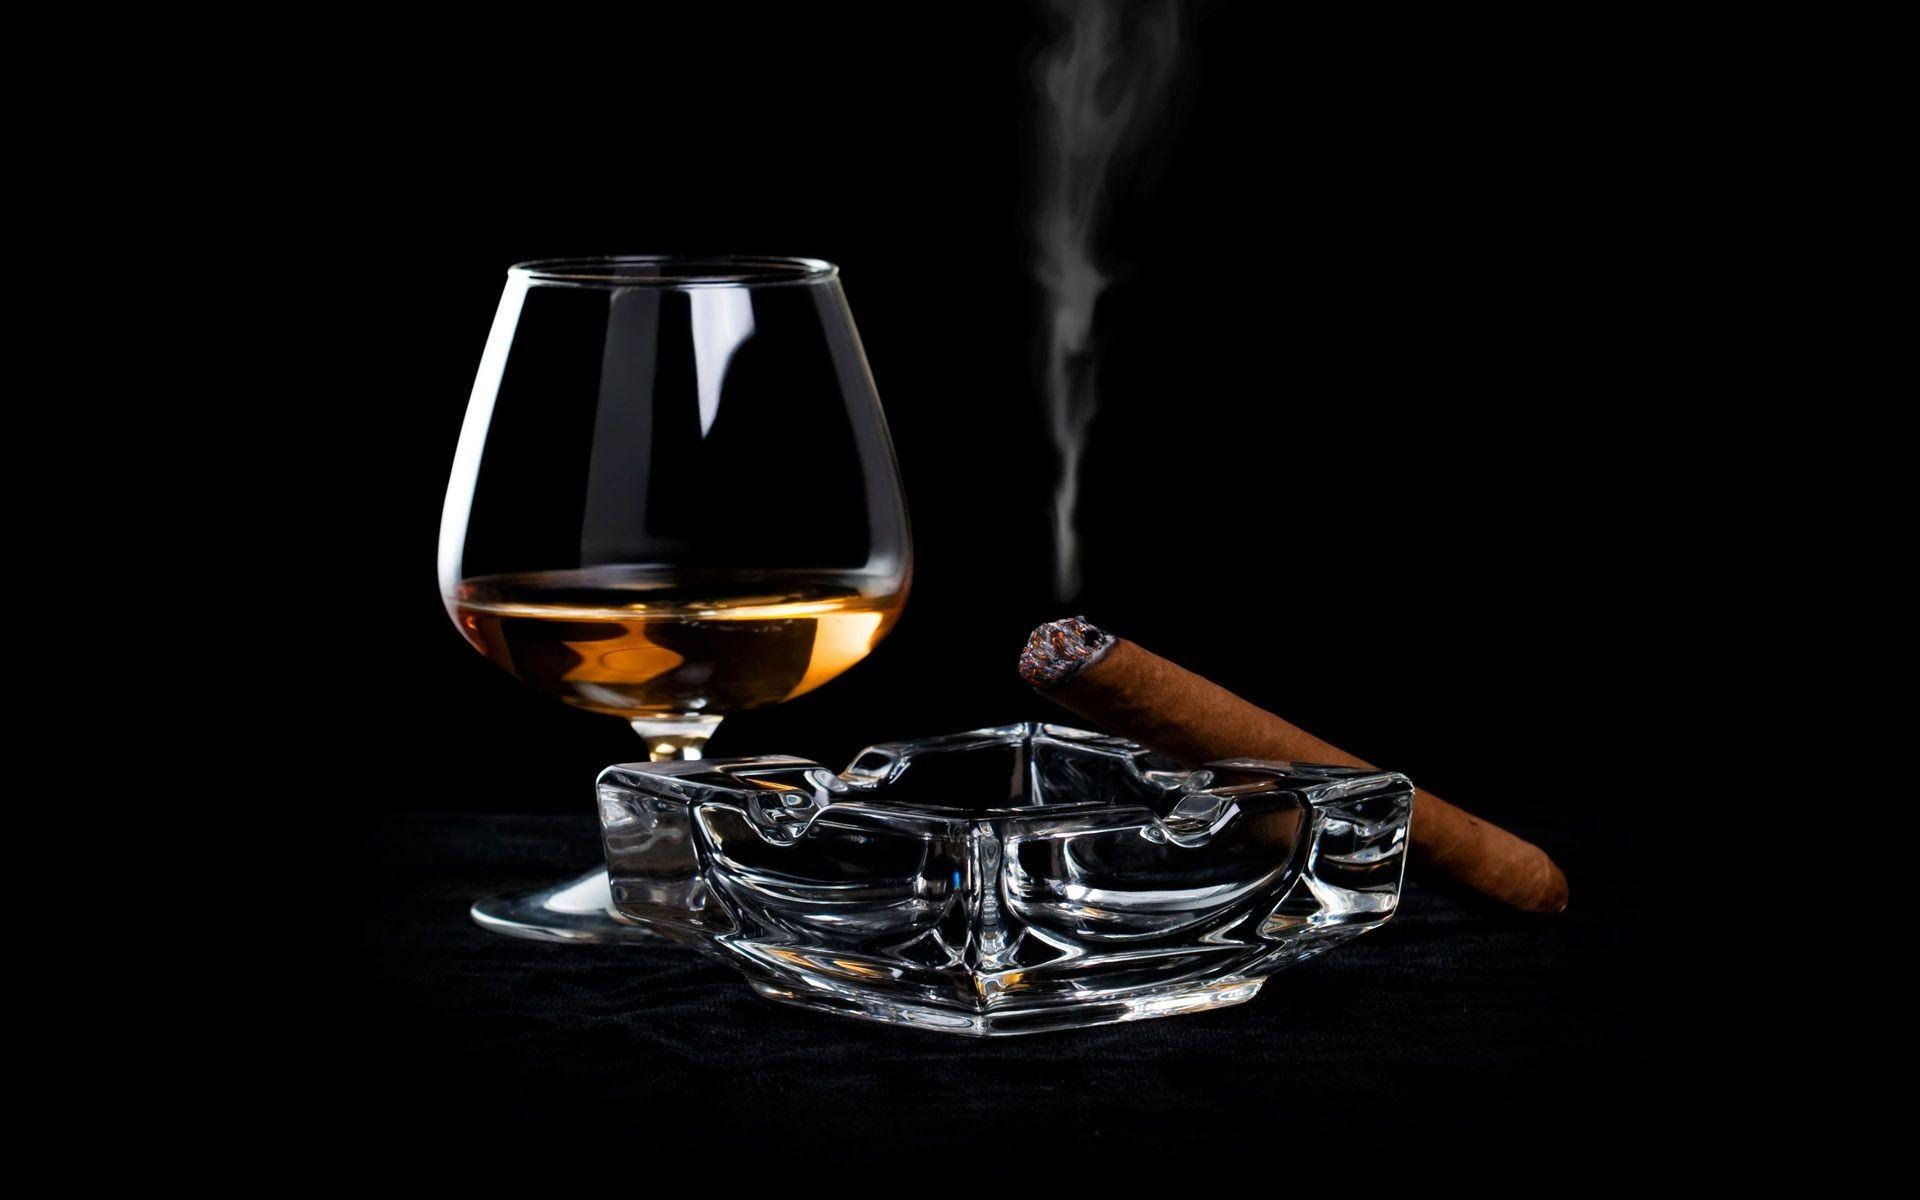 vypivka-spirtnoe-sigara.jpg